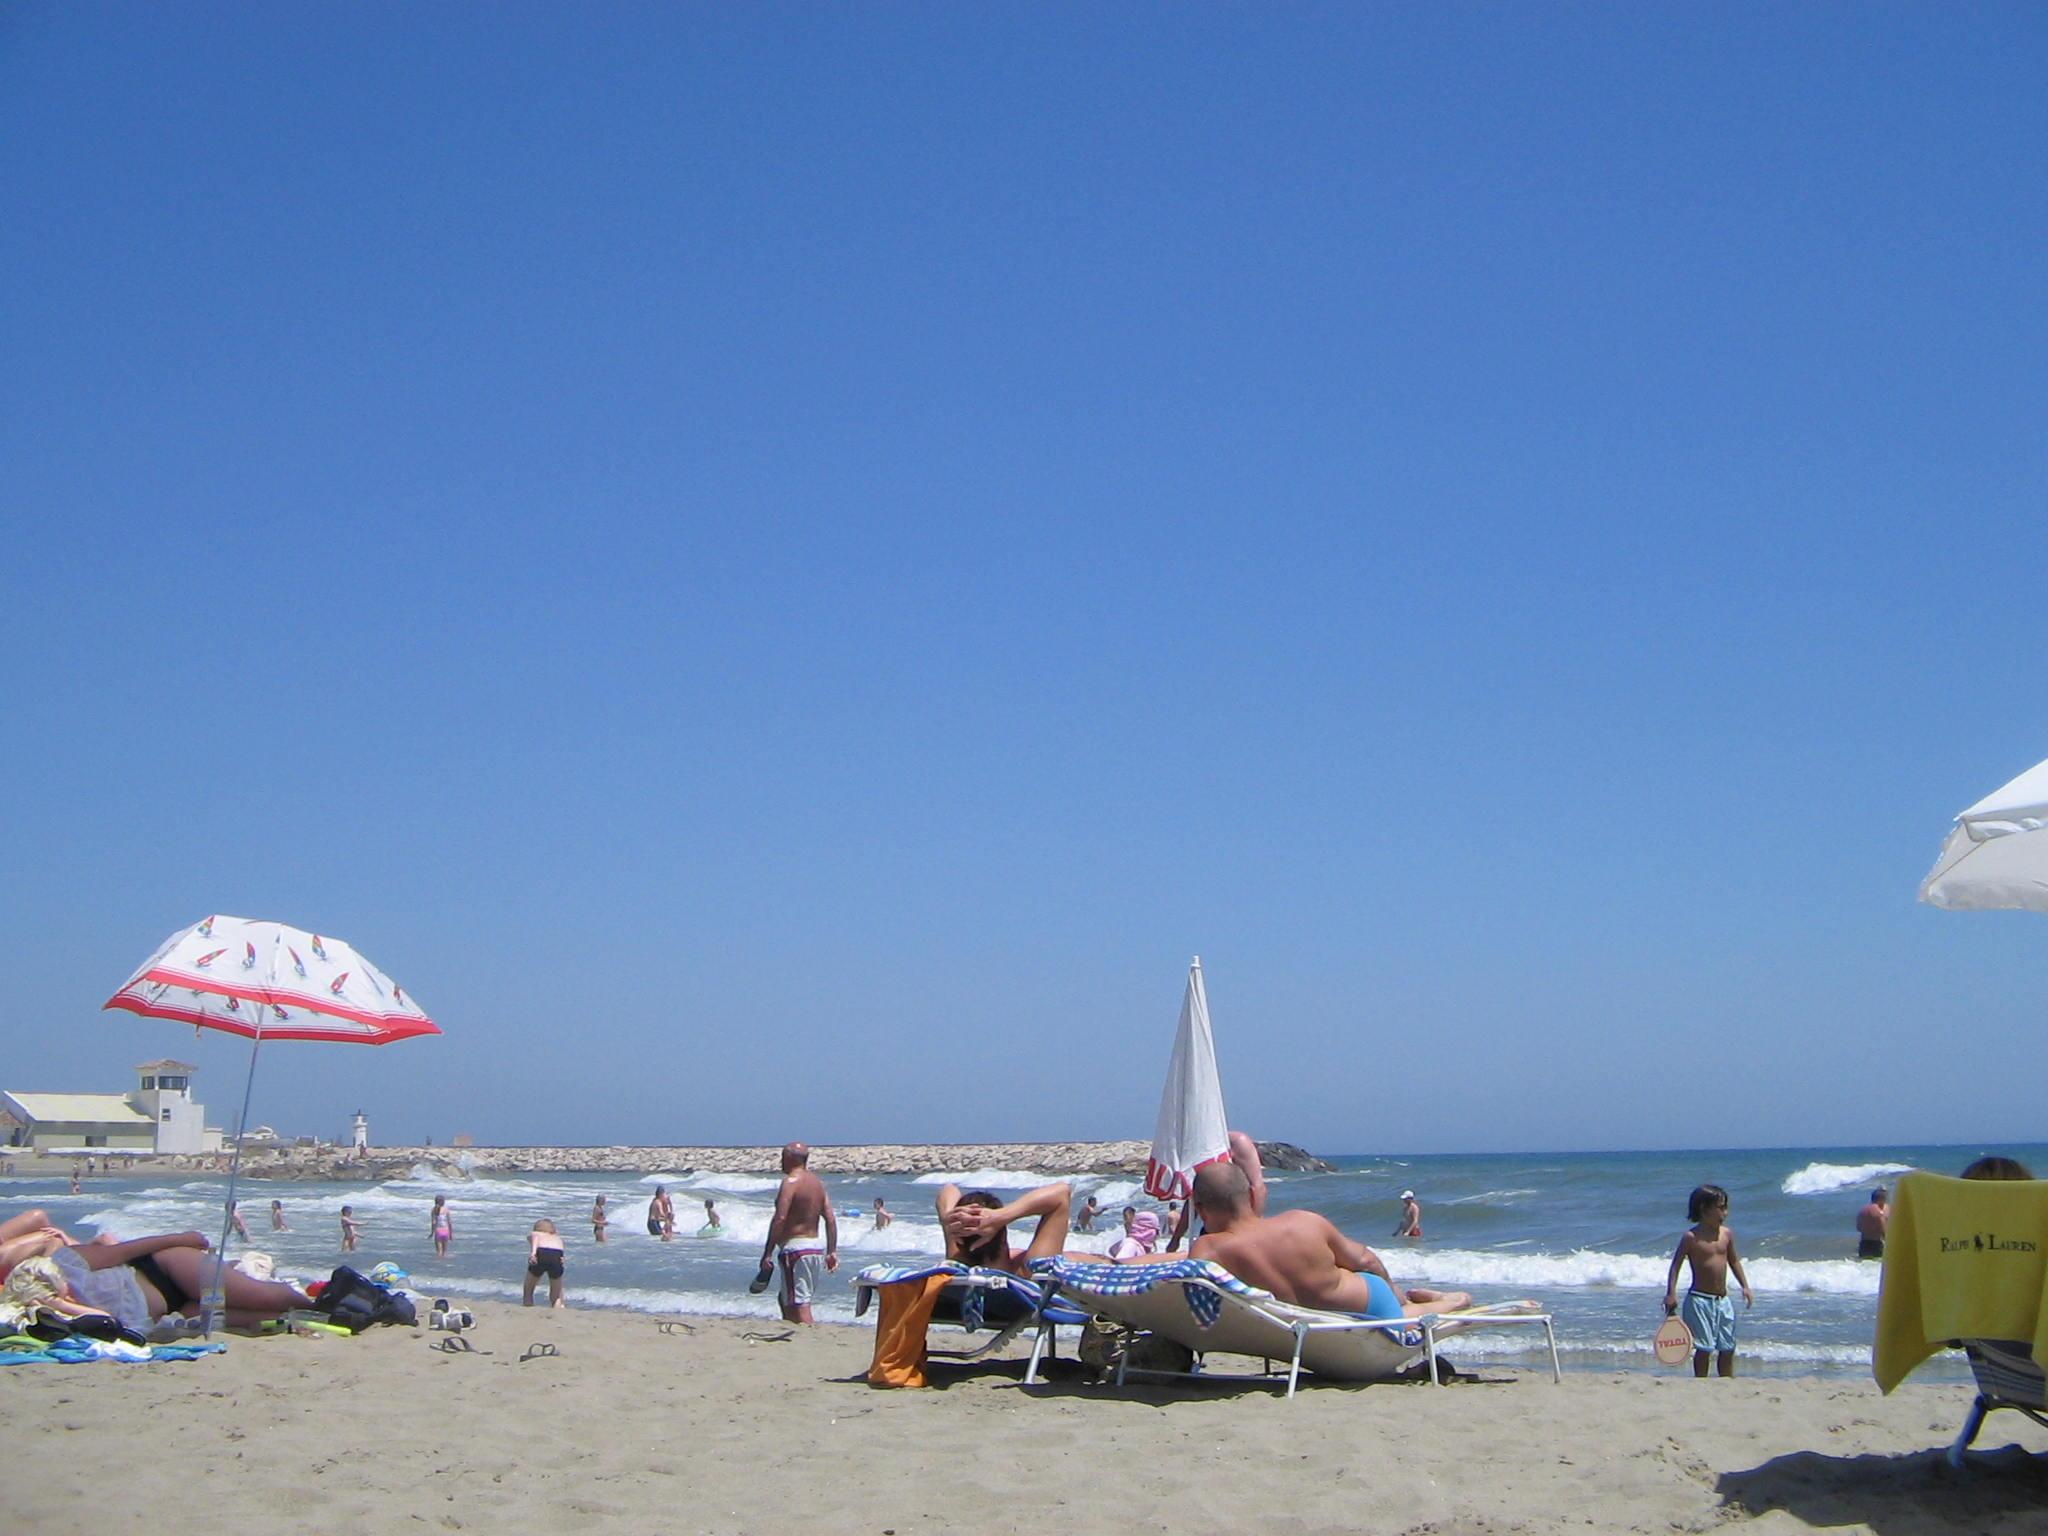 File:Cabopino beach, Costa del Sol, Spain 2005 11.jpg